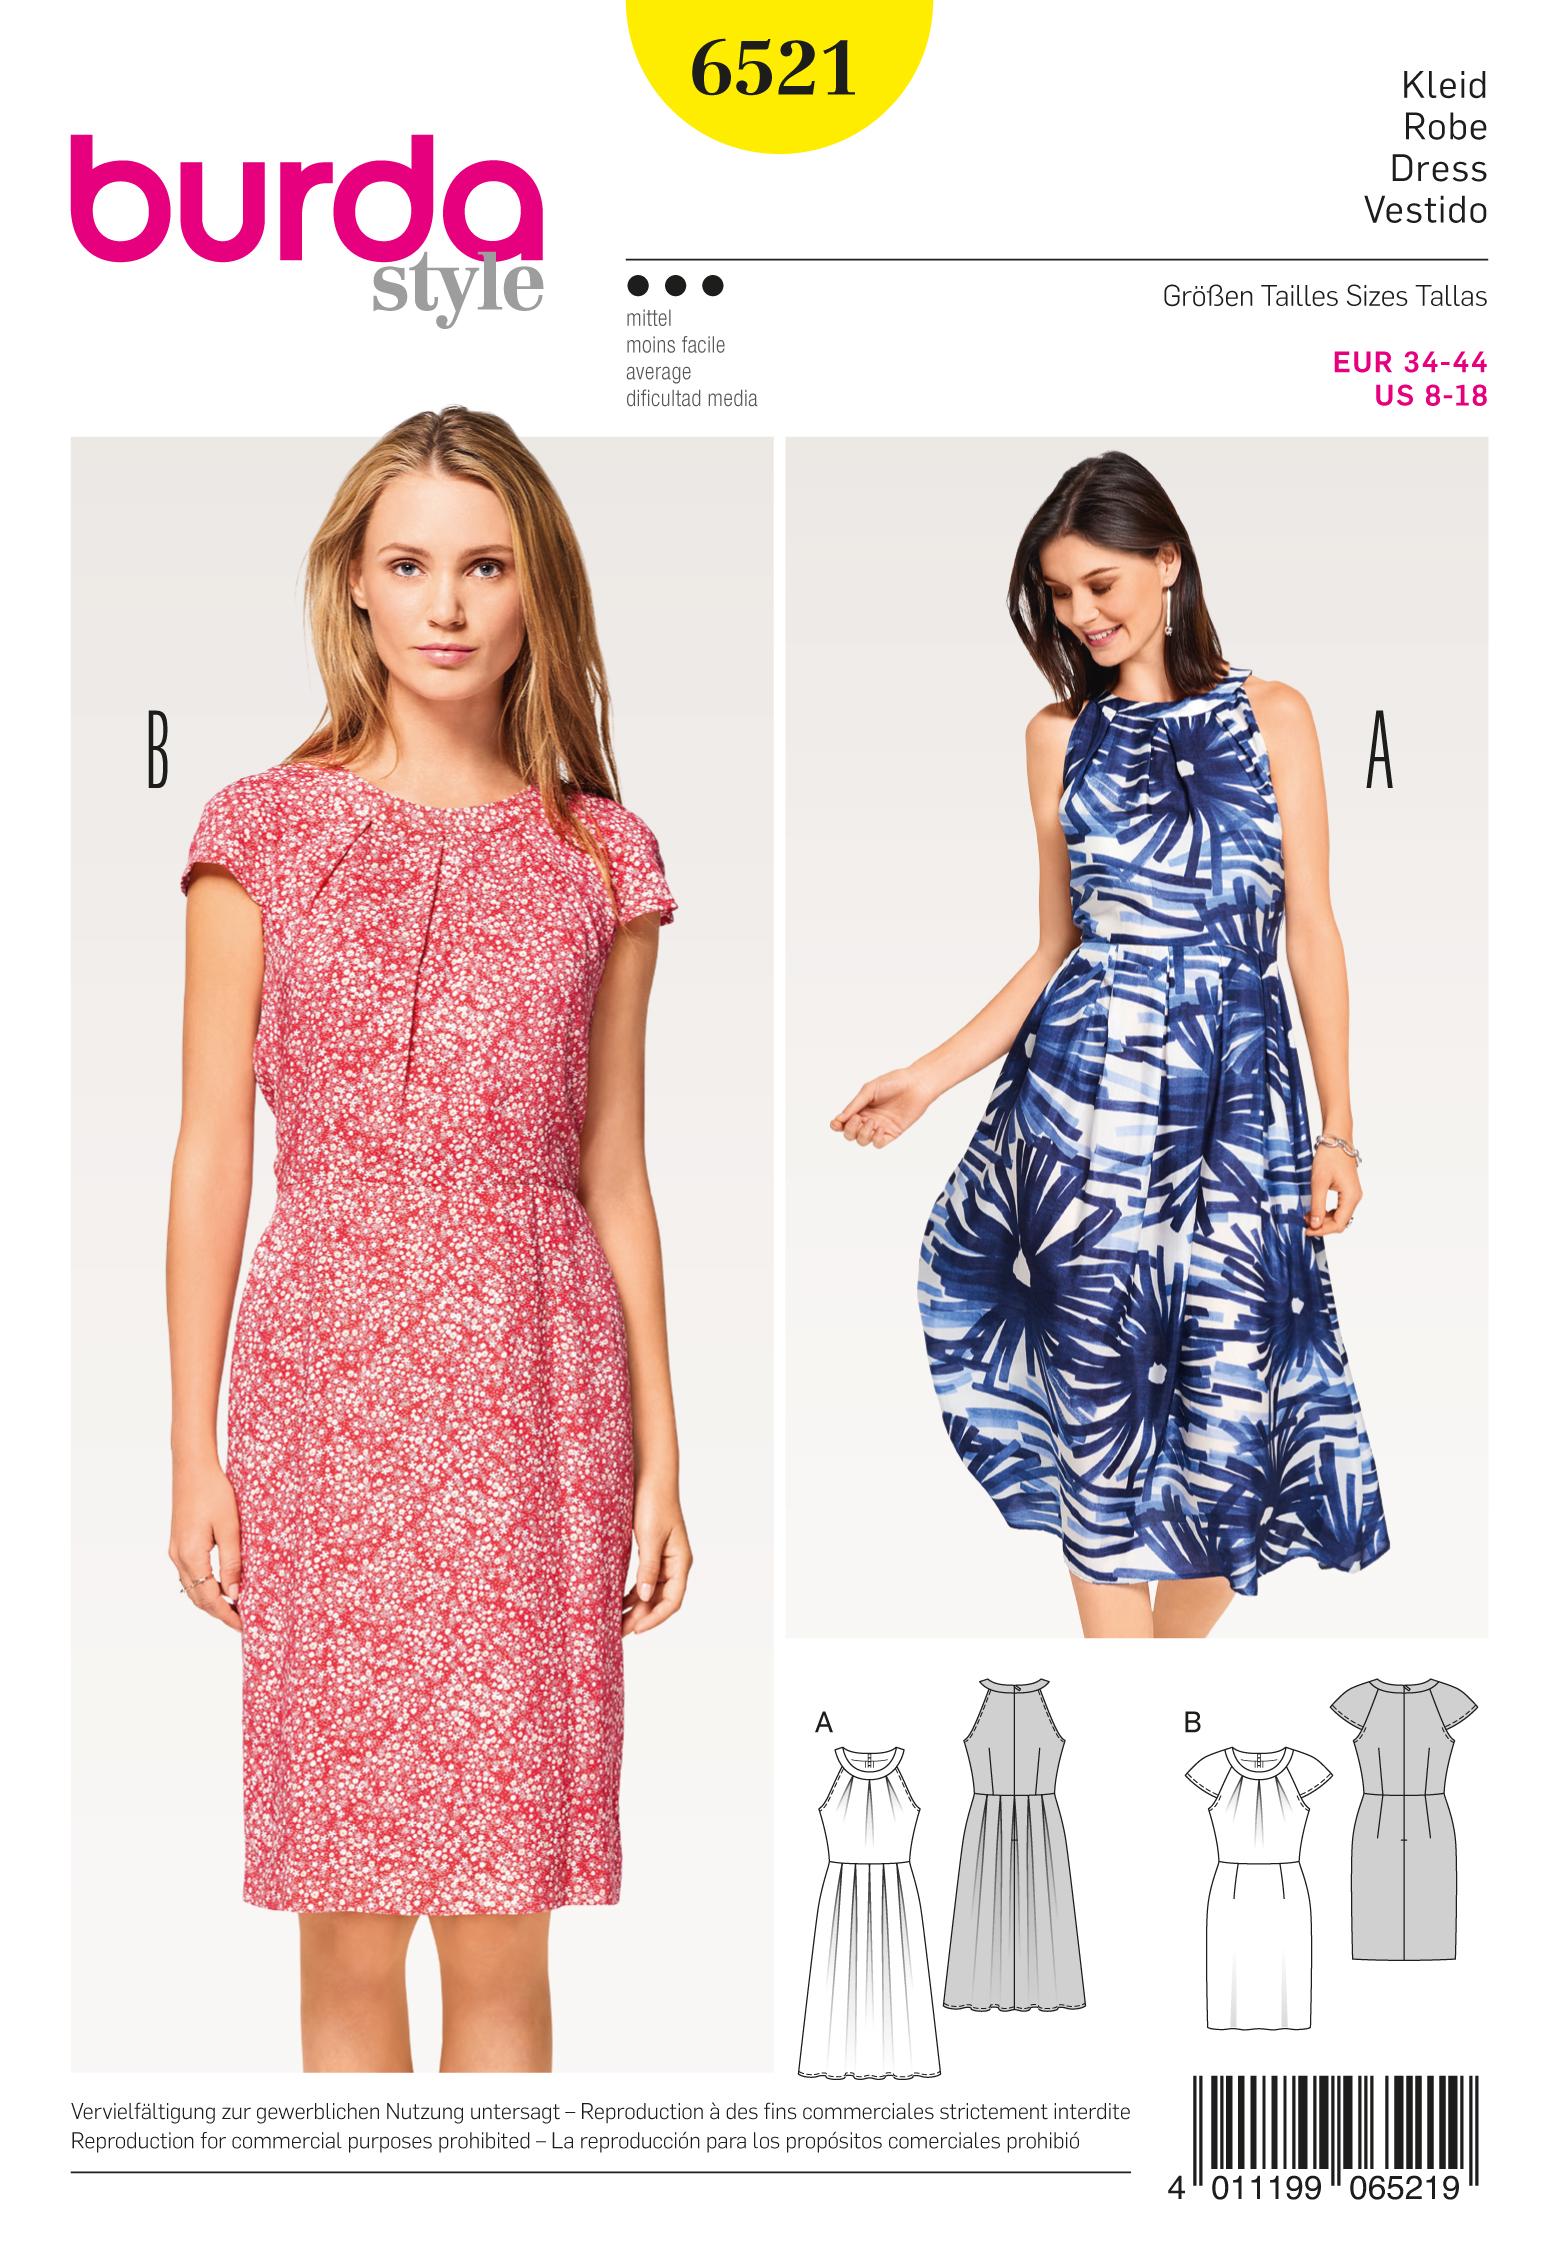 Burda 6521 Misses 39 Dress With Sleeves